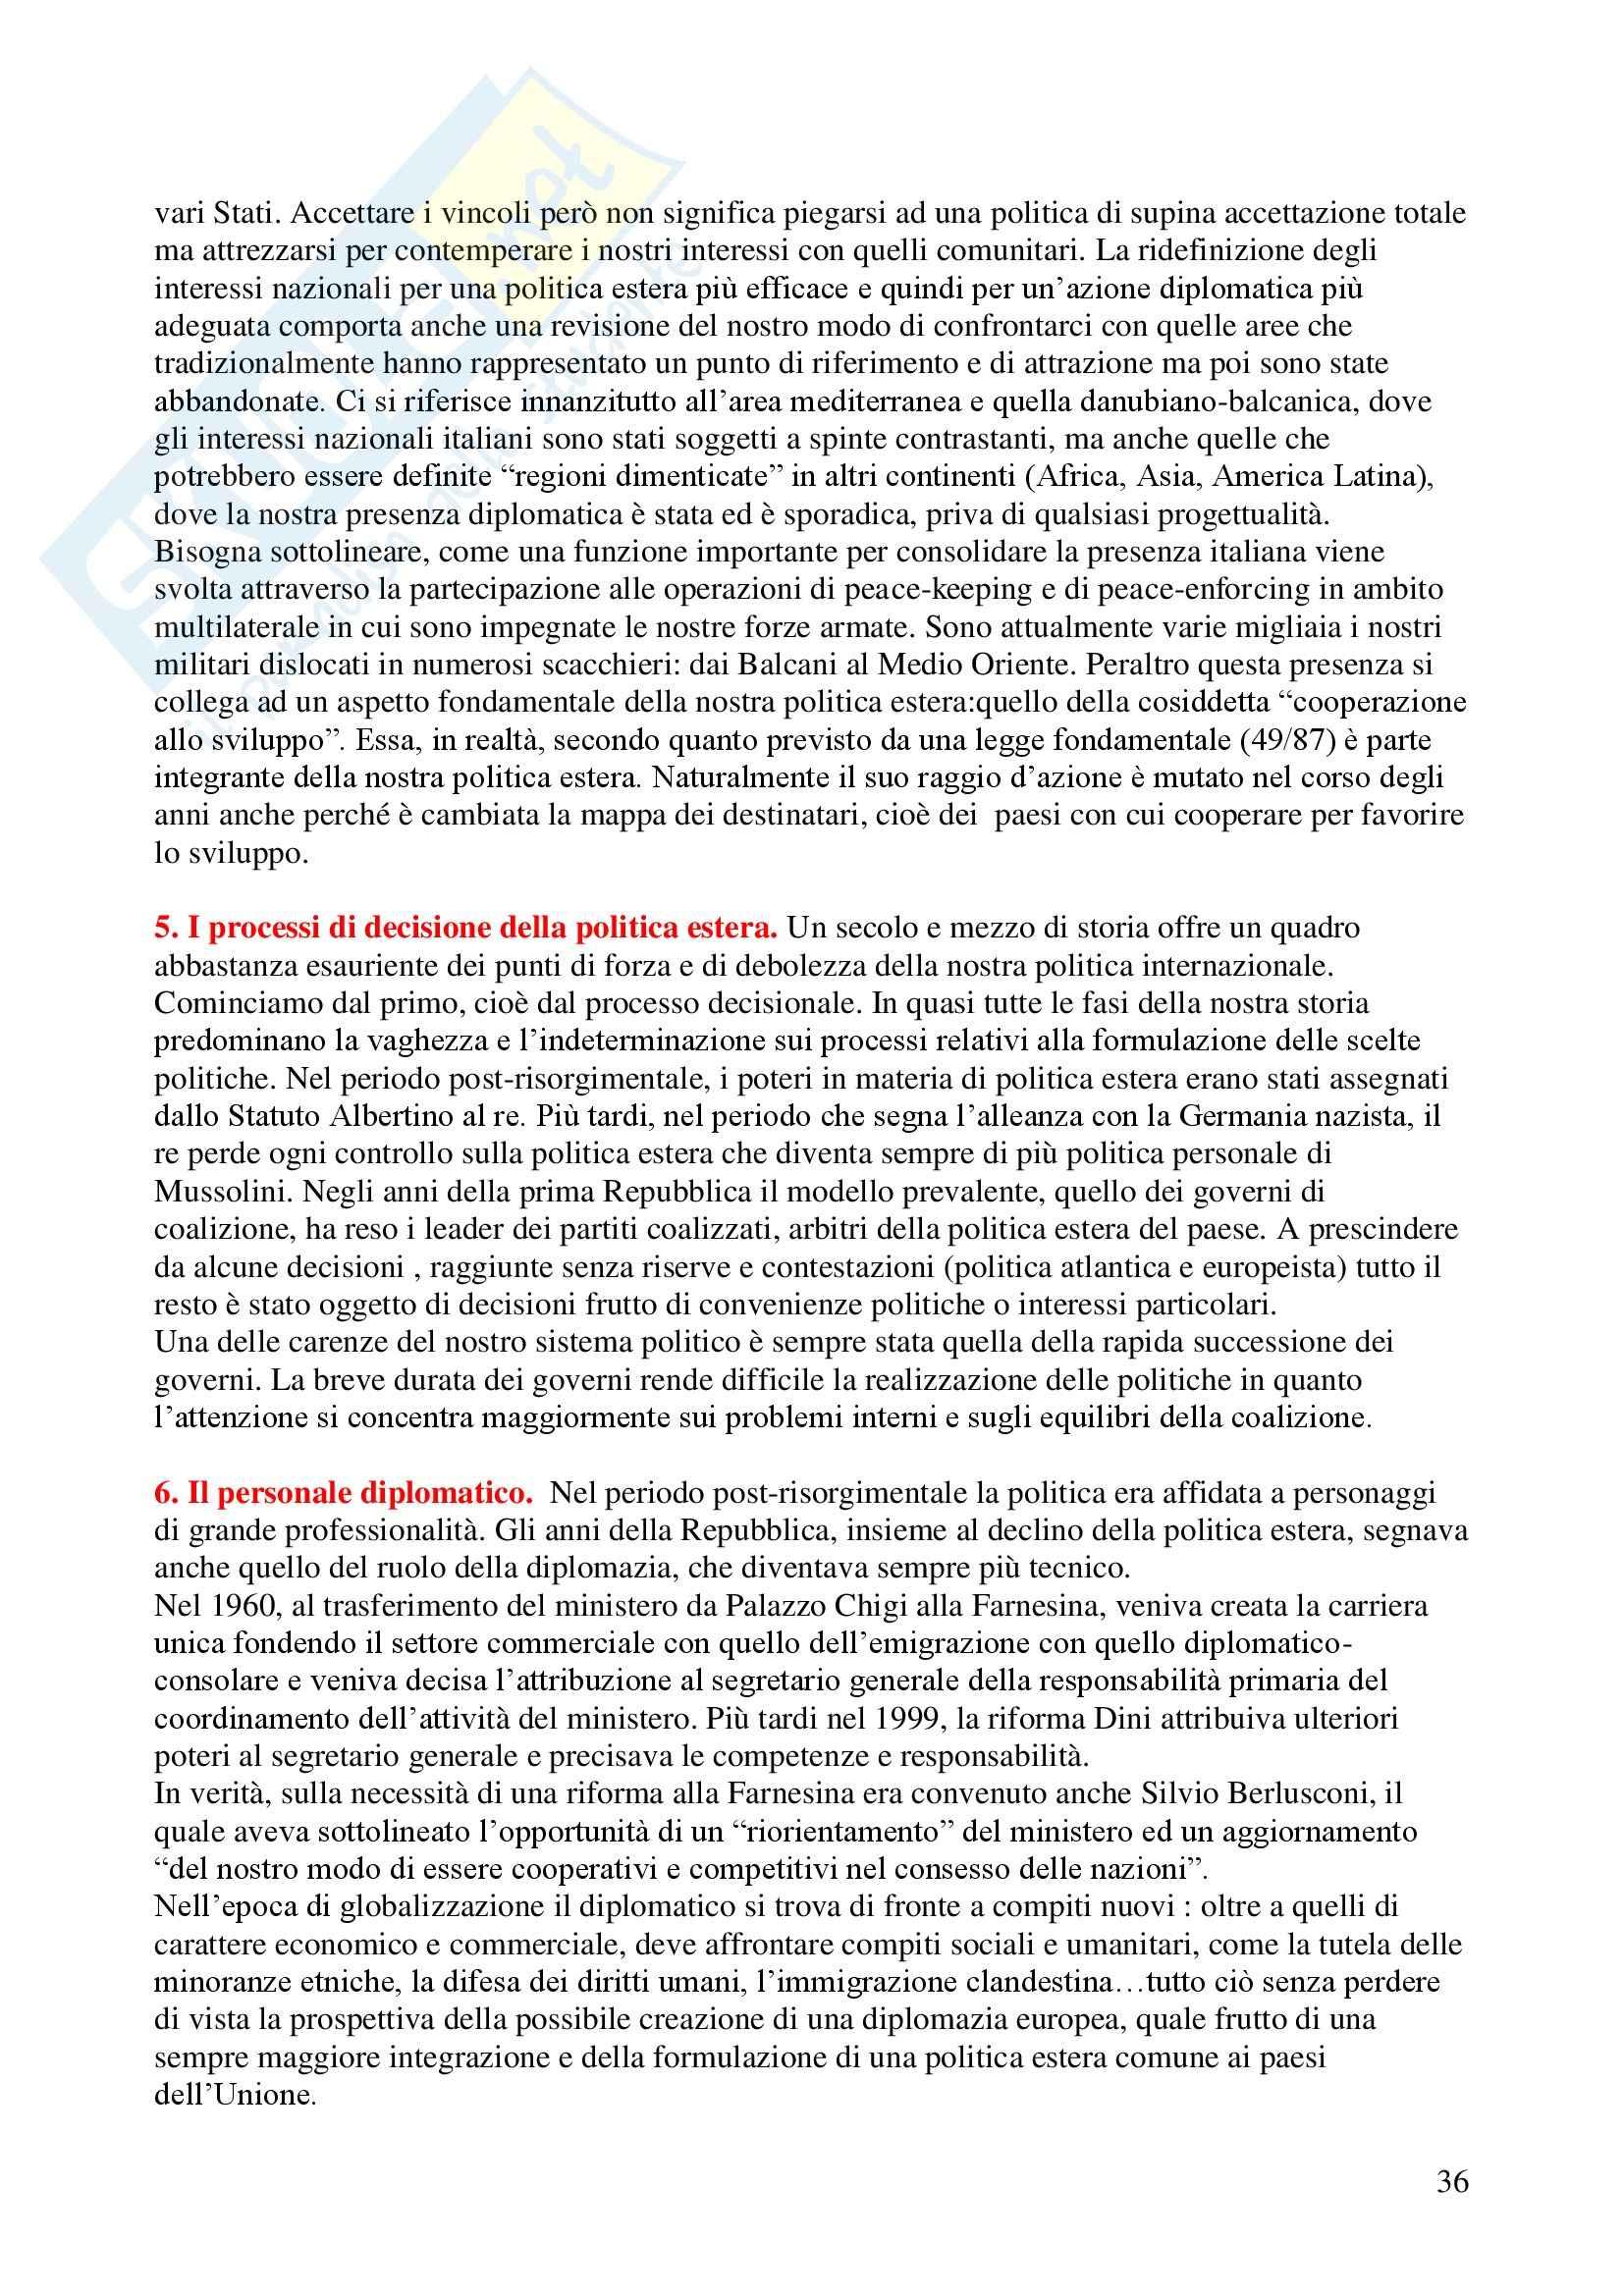 Politica estera dell'Italia Pag. 36